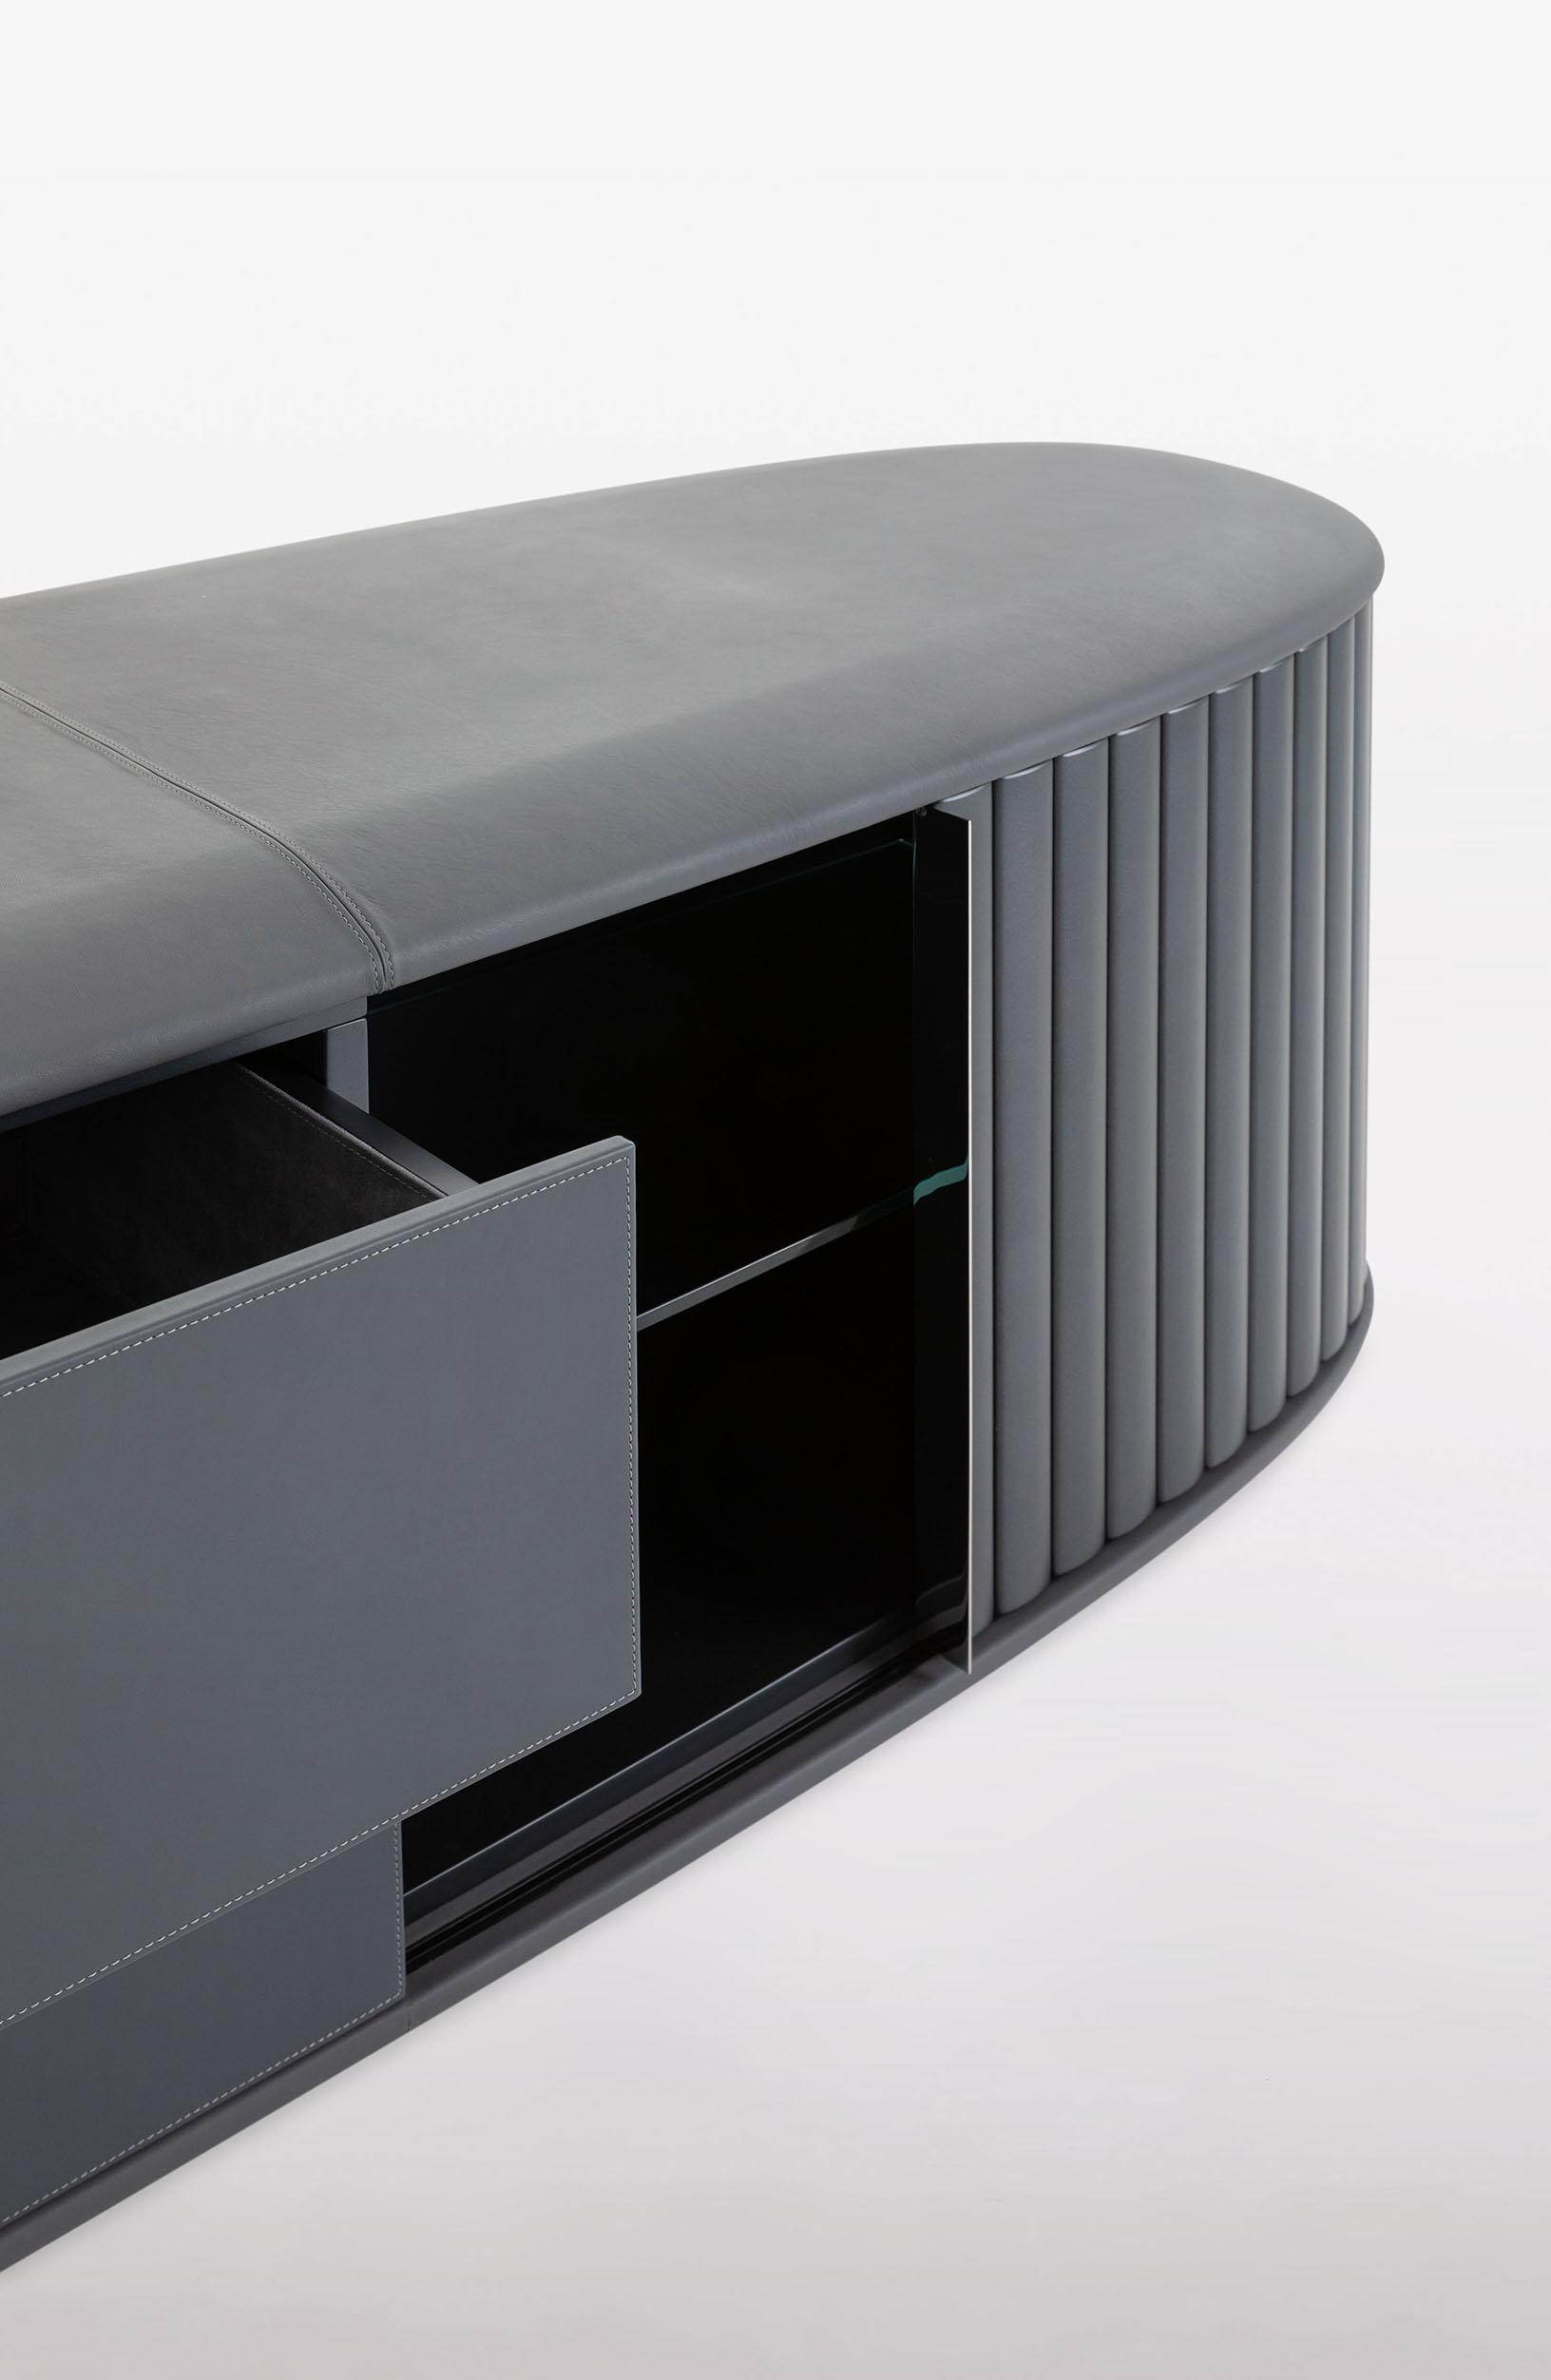 bugatti-veyron-sideboard 05